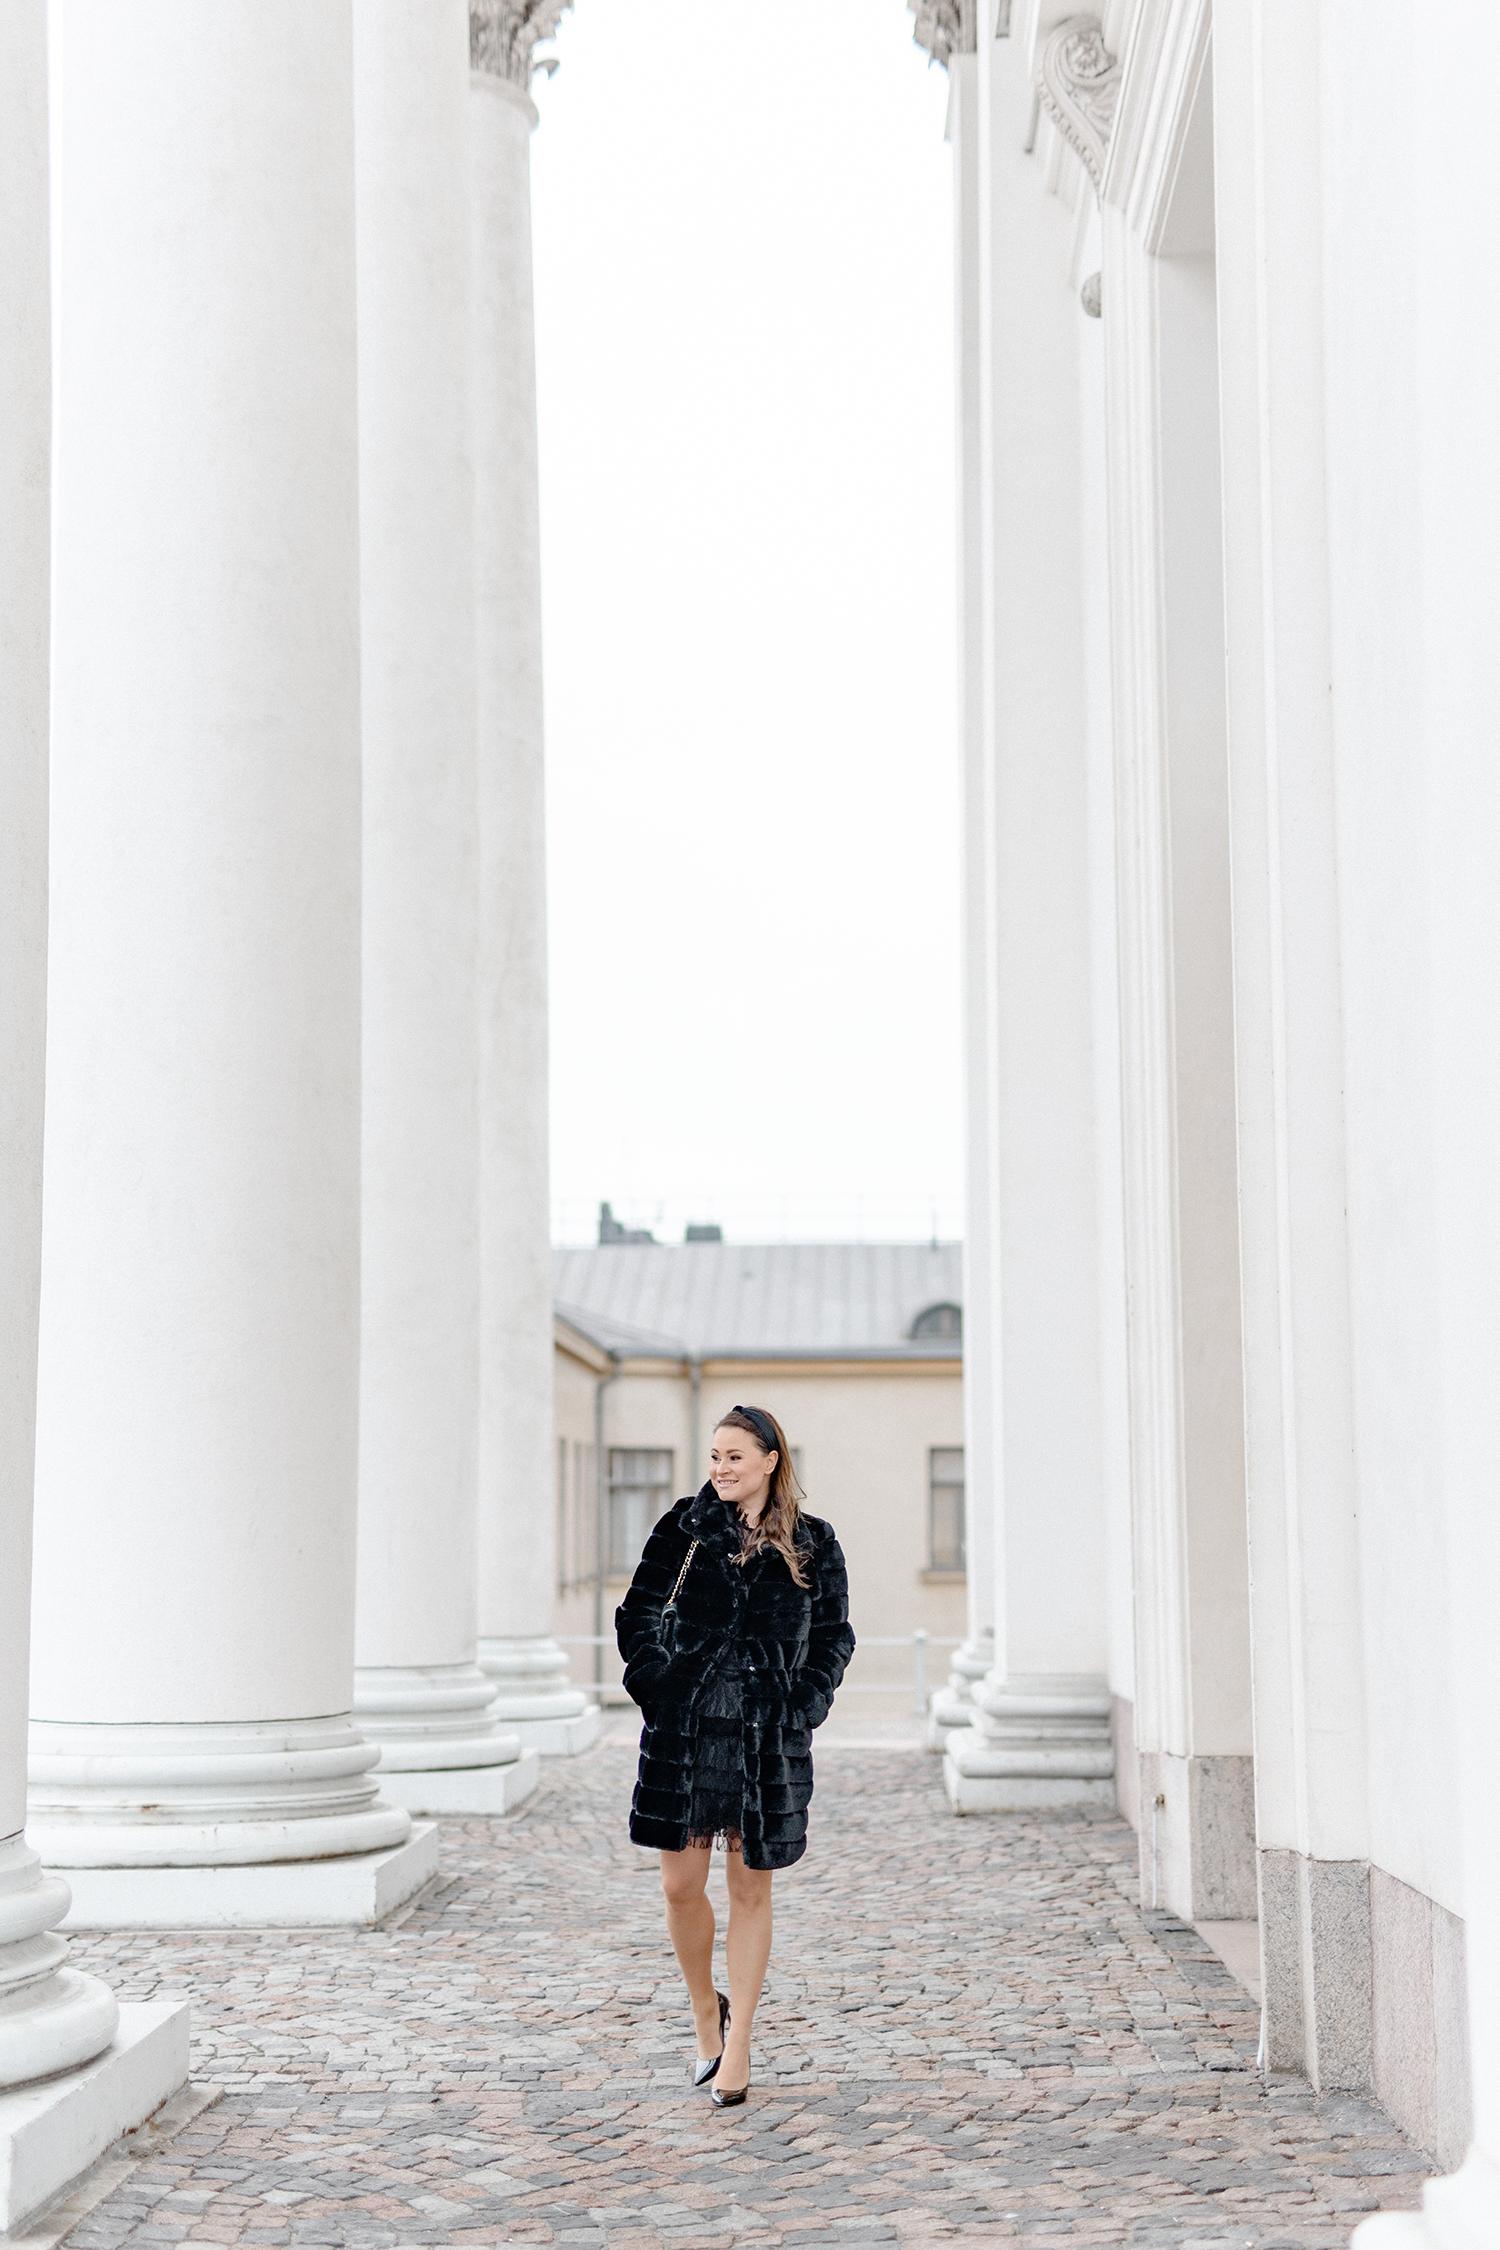 Char and the city, charandthecity.com, By Malina, KappAhl, Gauhar Helsinki, juhlamekko, Tuomiokirkko, Helsinki